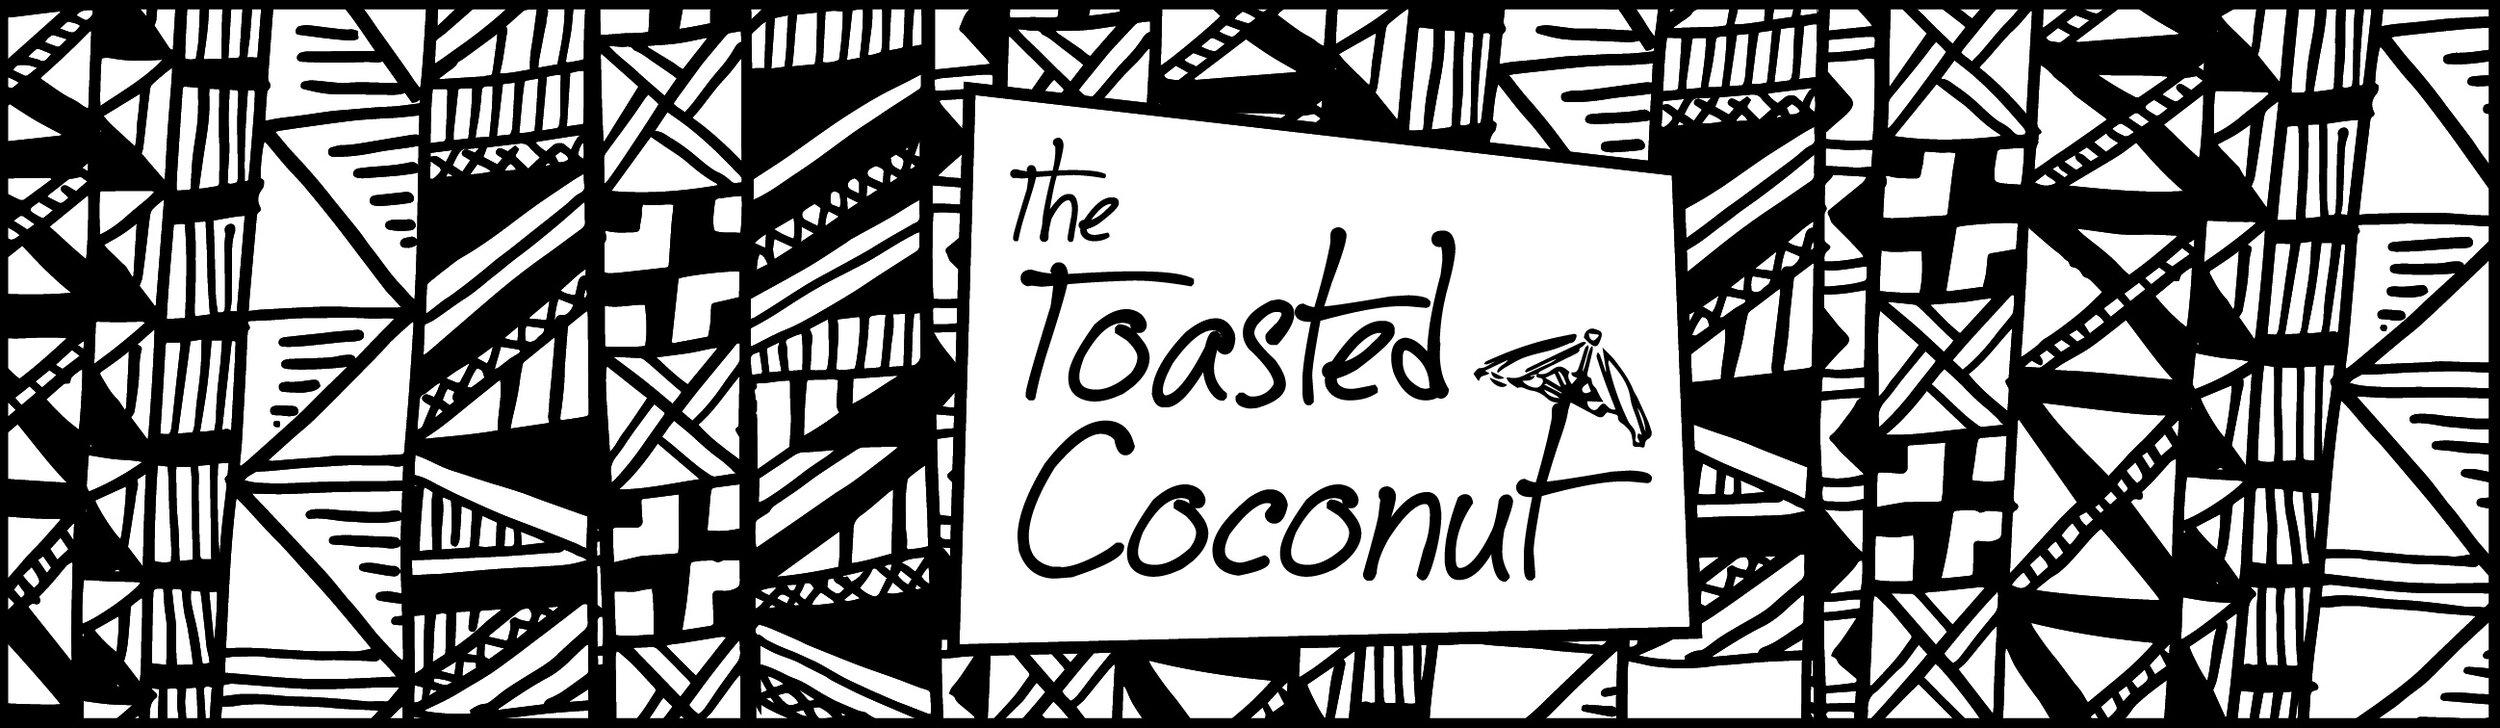 MaiTaiGlassToasted Coconut-01.jpg